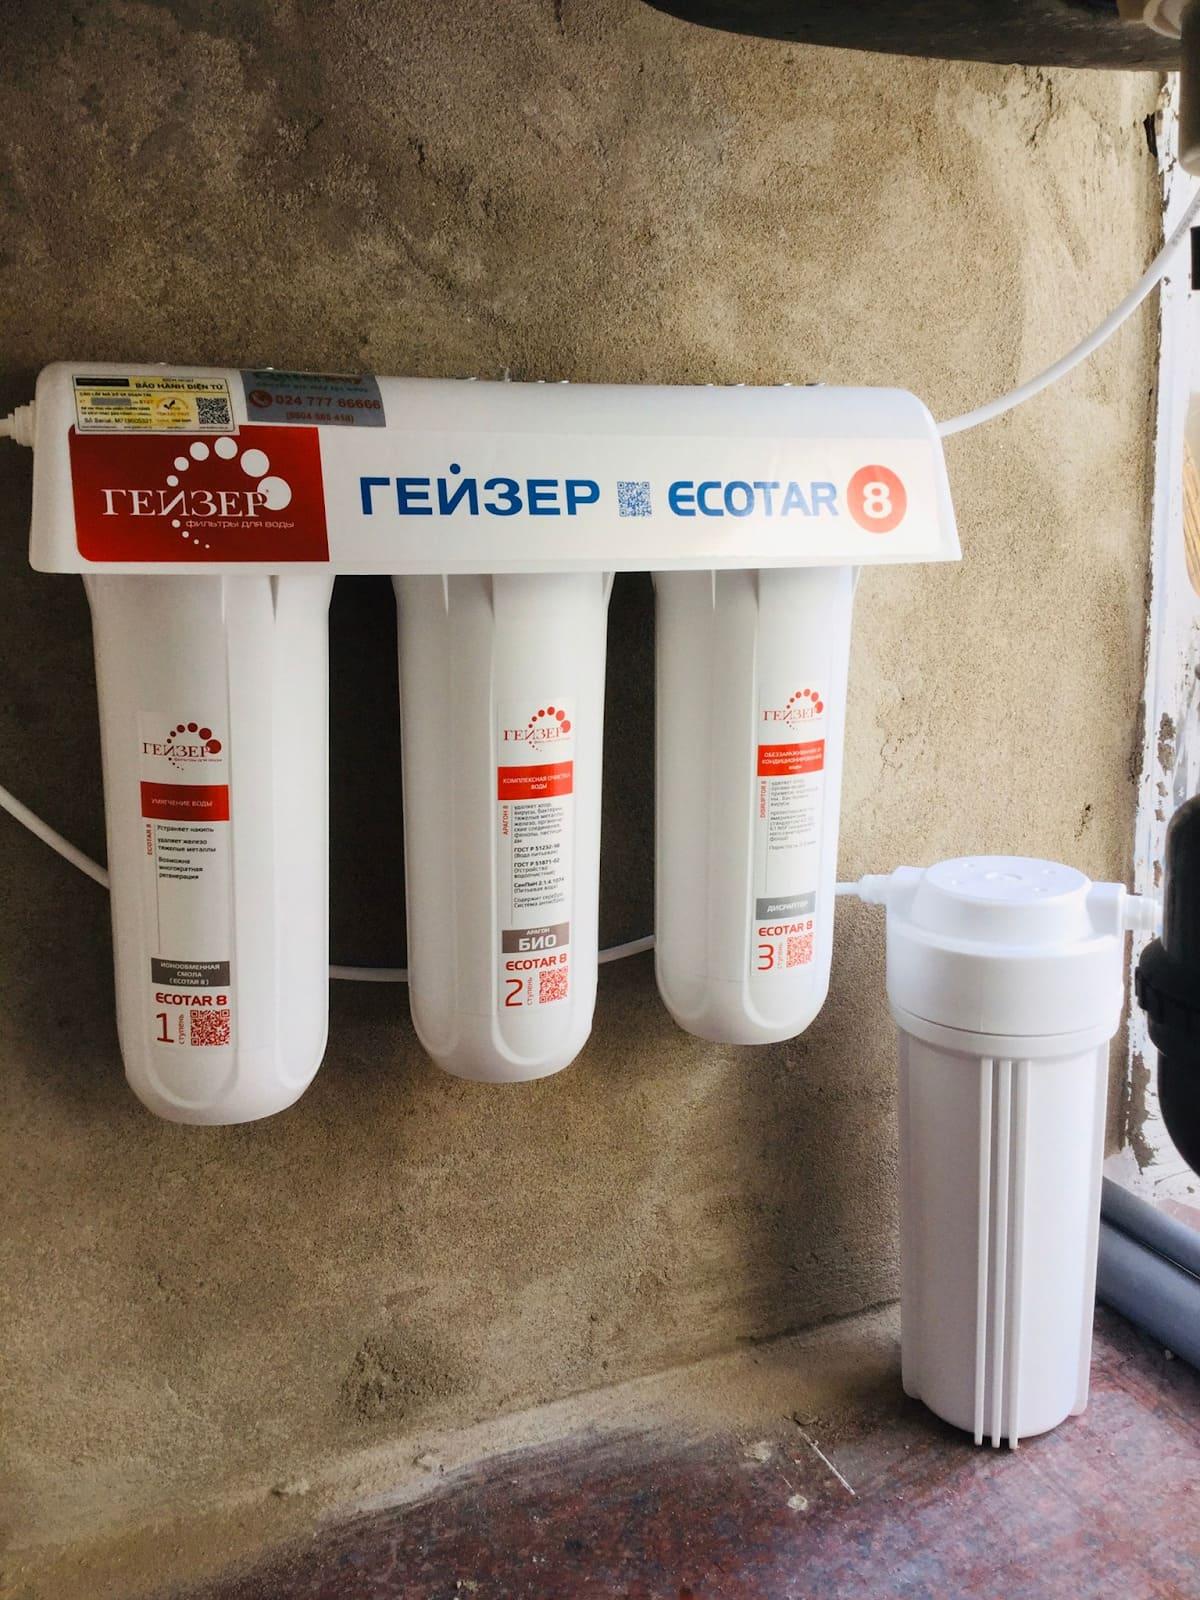 Hình ảnh lắp đặt thực tế máy lọc nước Geyser Ecotar 8